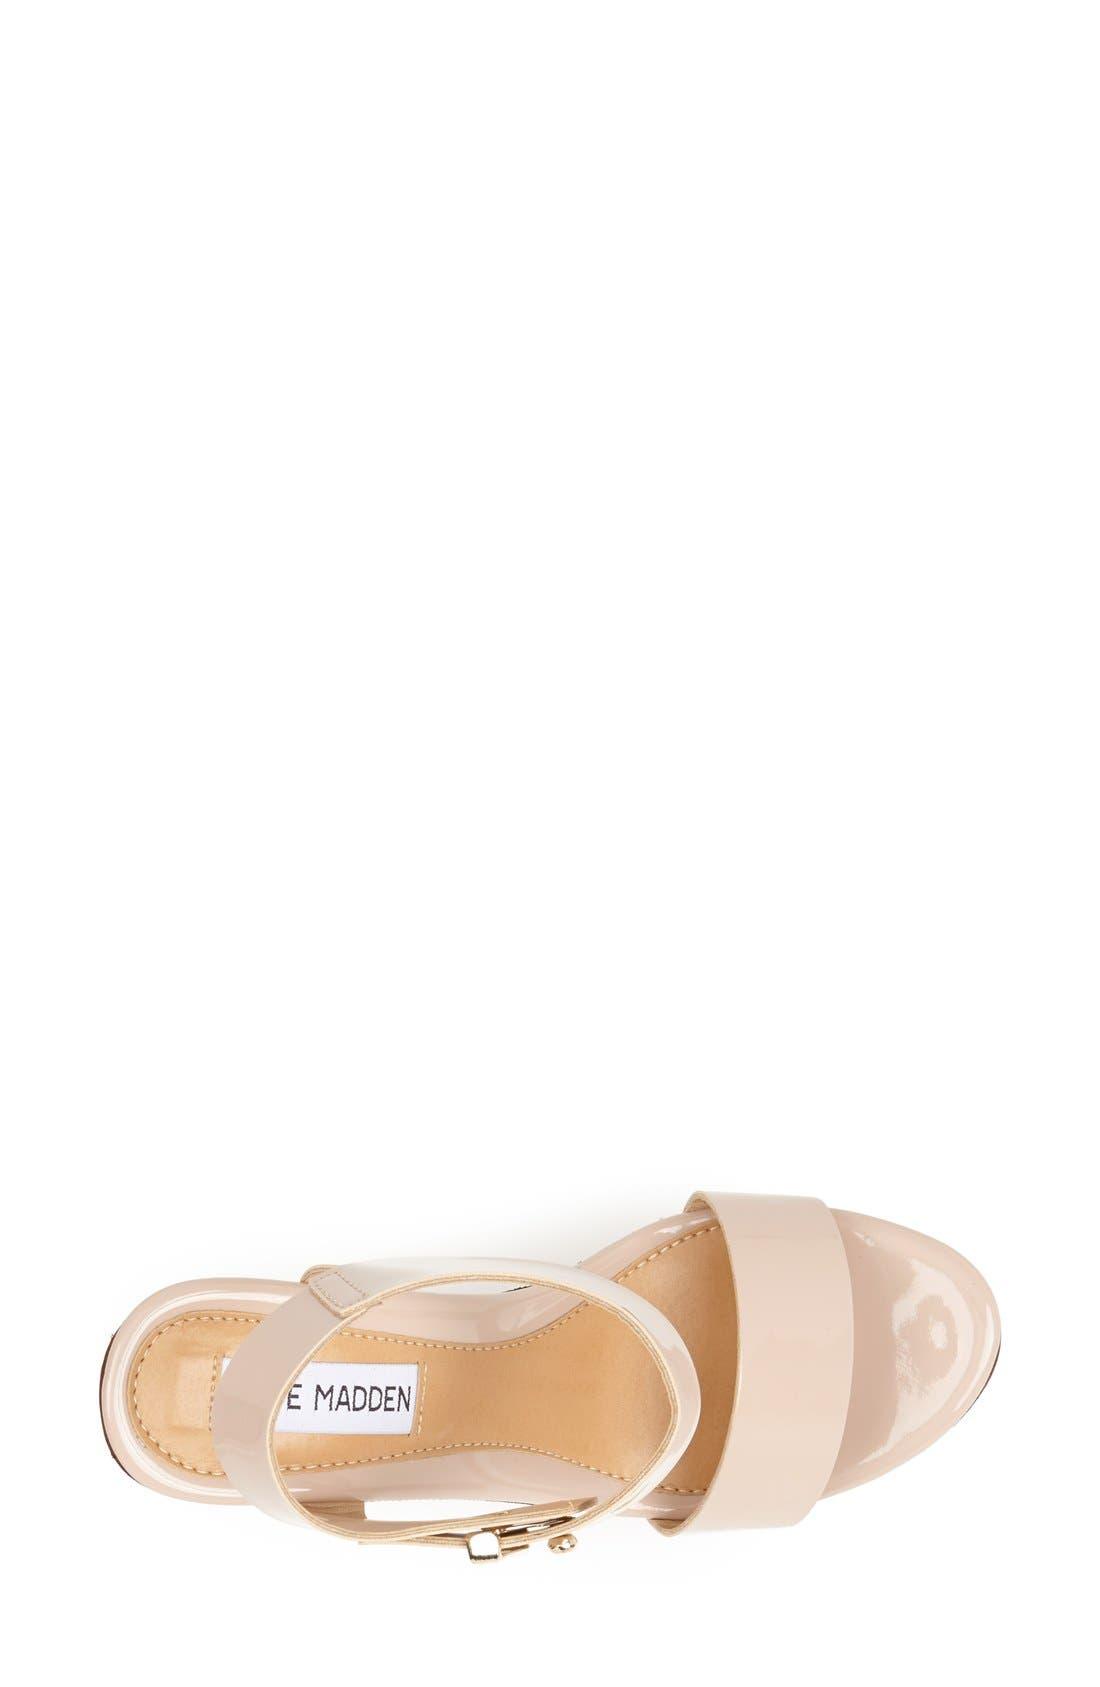 Alternate Image 3  - Steve Madden 'Boozey' Wedge Sandal (Women)